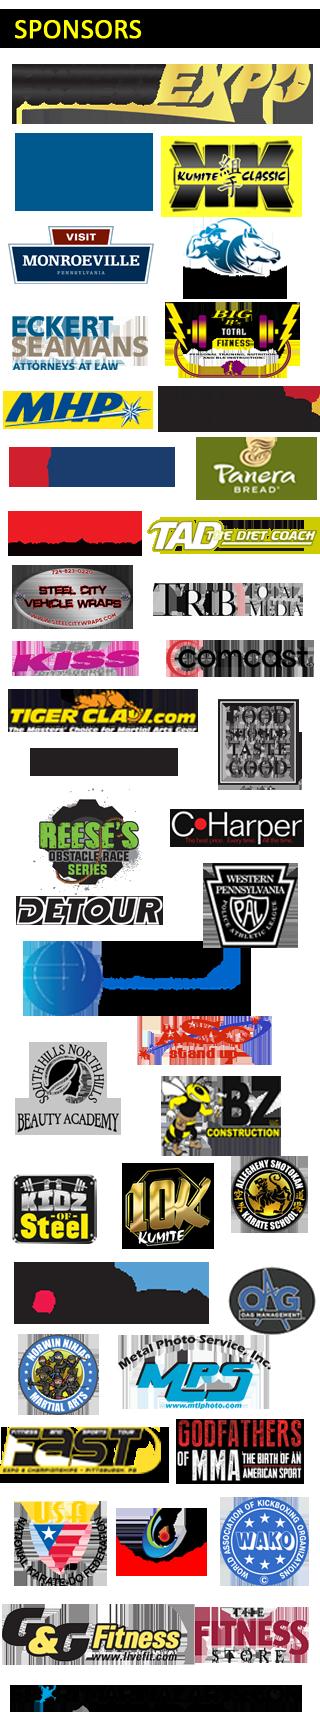 kumite classic sponsors